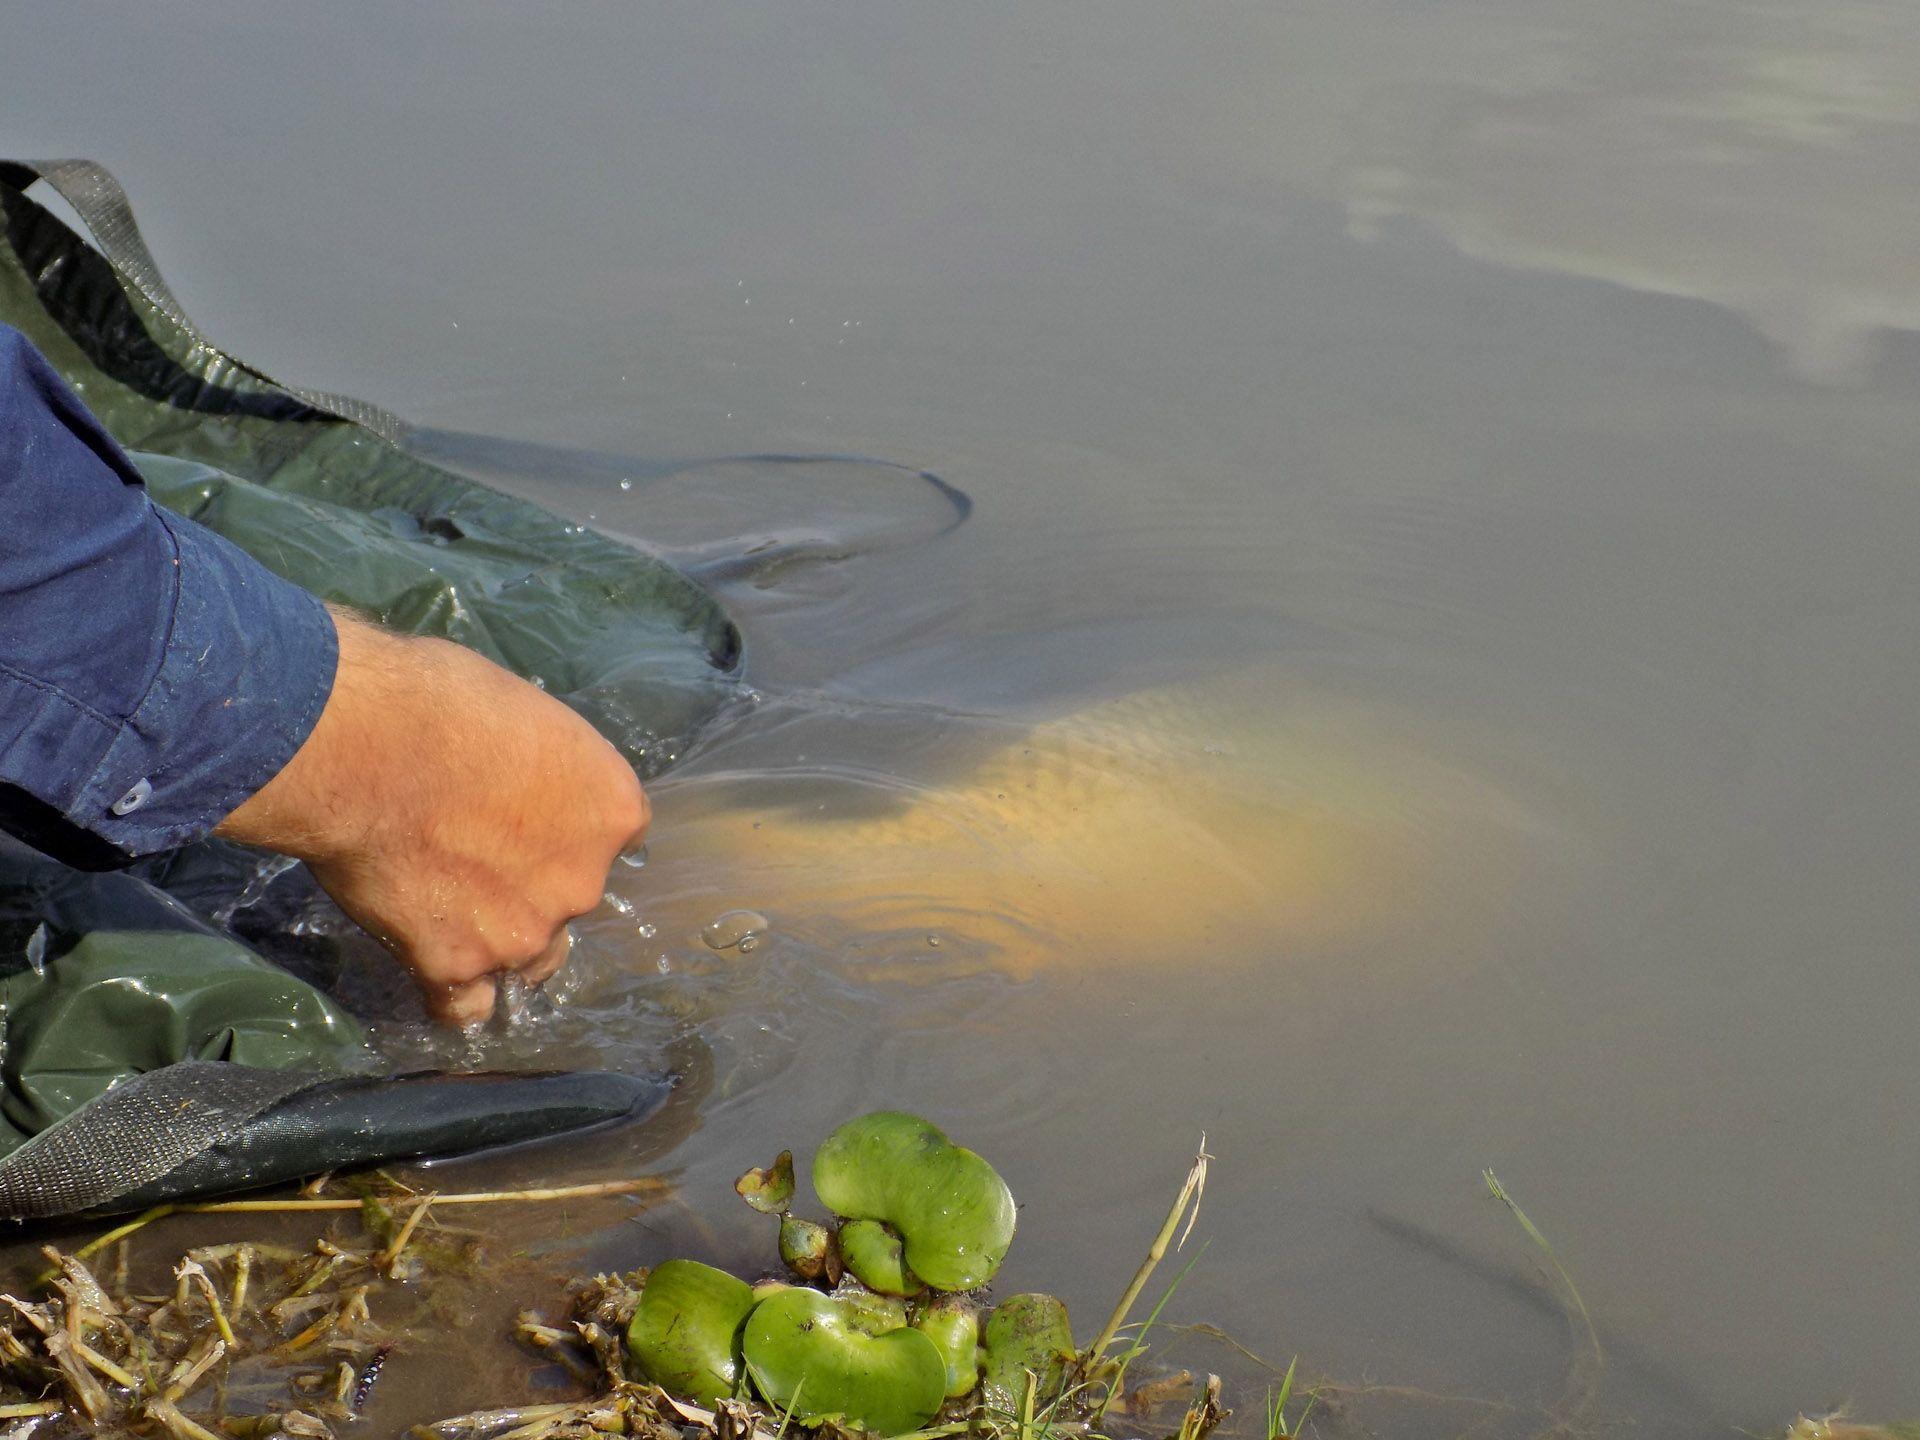 Szép élményekkel gazdagodtam ezen a horgászaton. Mindenkit csak buzdítani tudok arra, ha akad pár szabad óra, azt érdemes a vízparton eltölteni. Sikeresen!